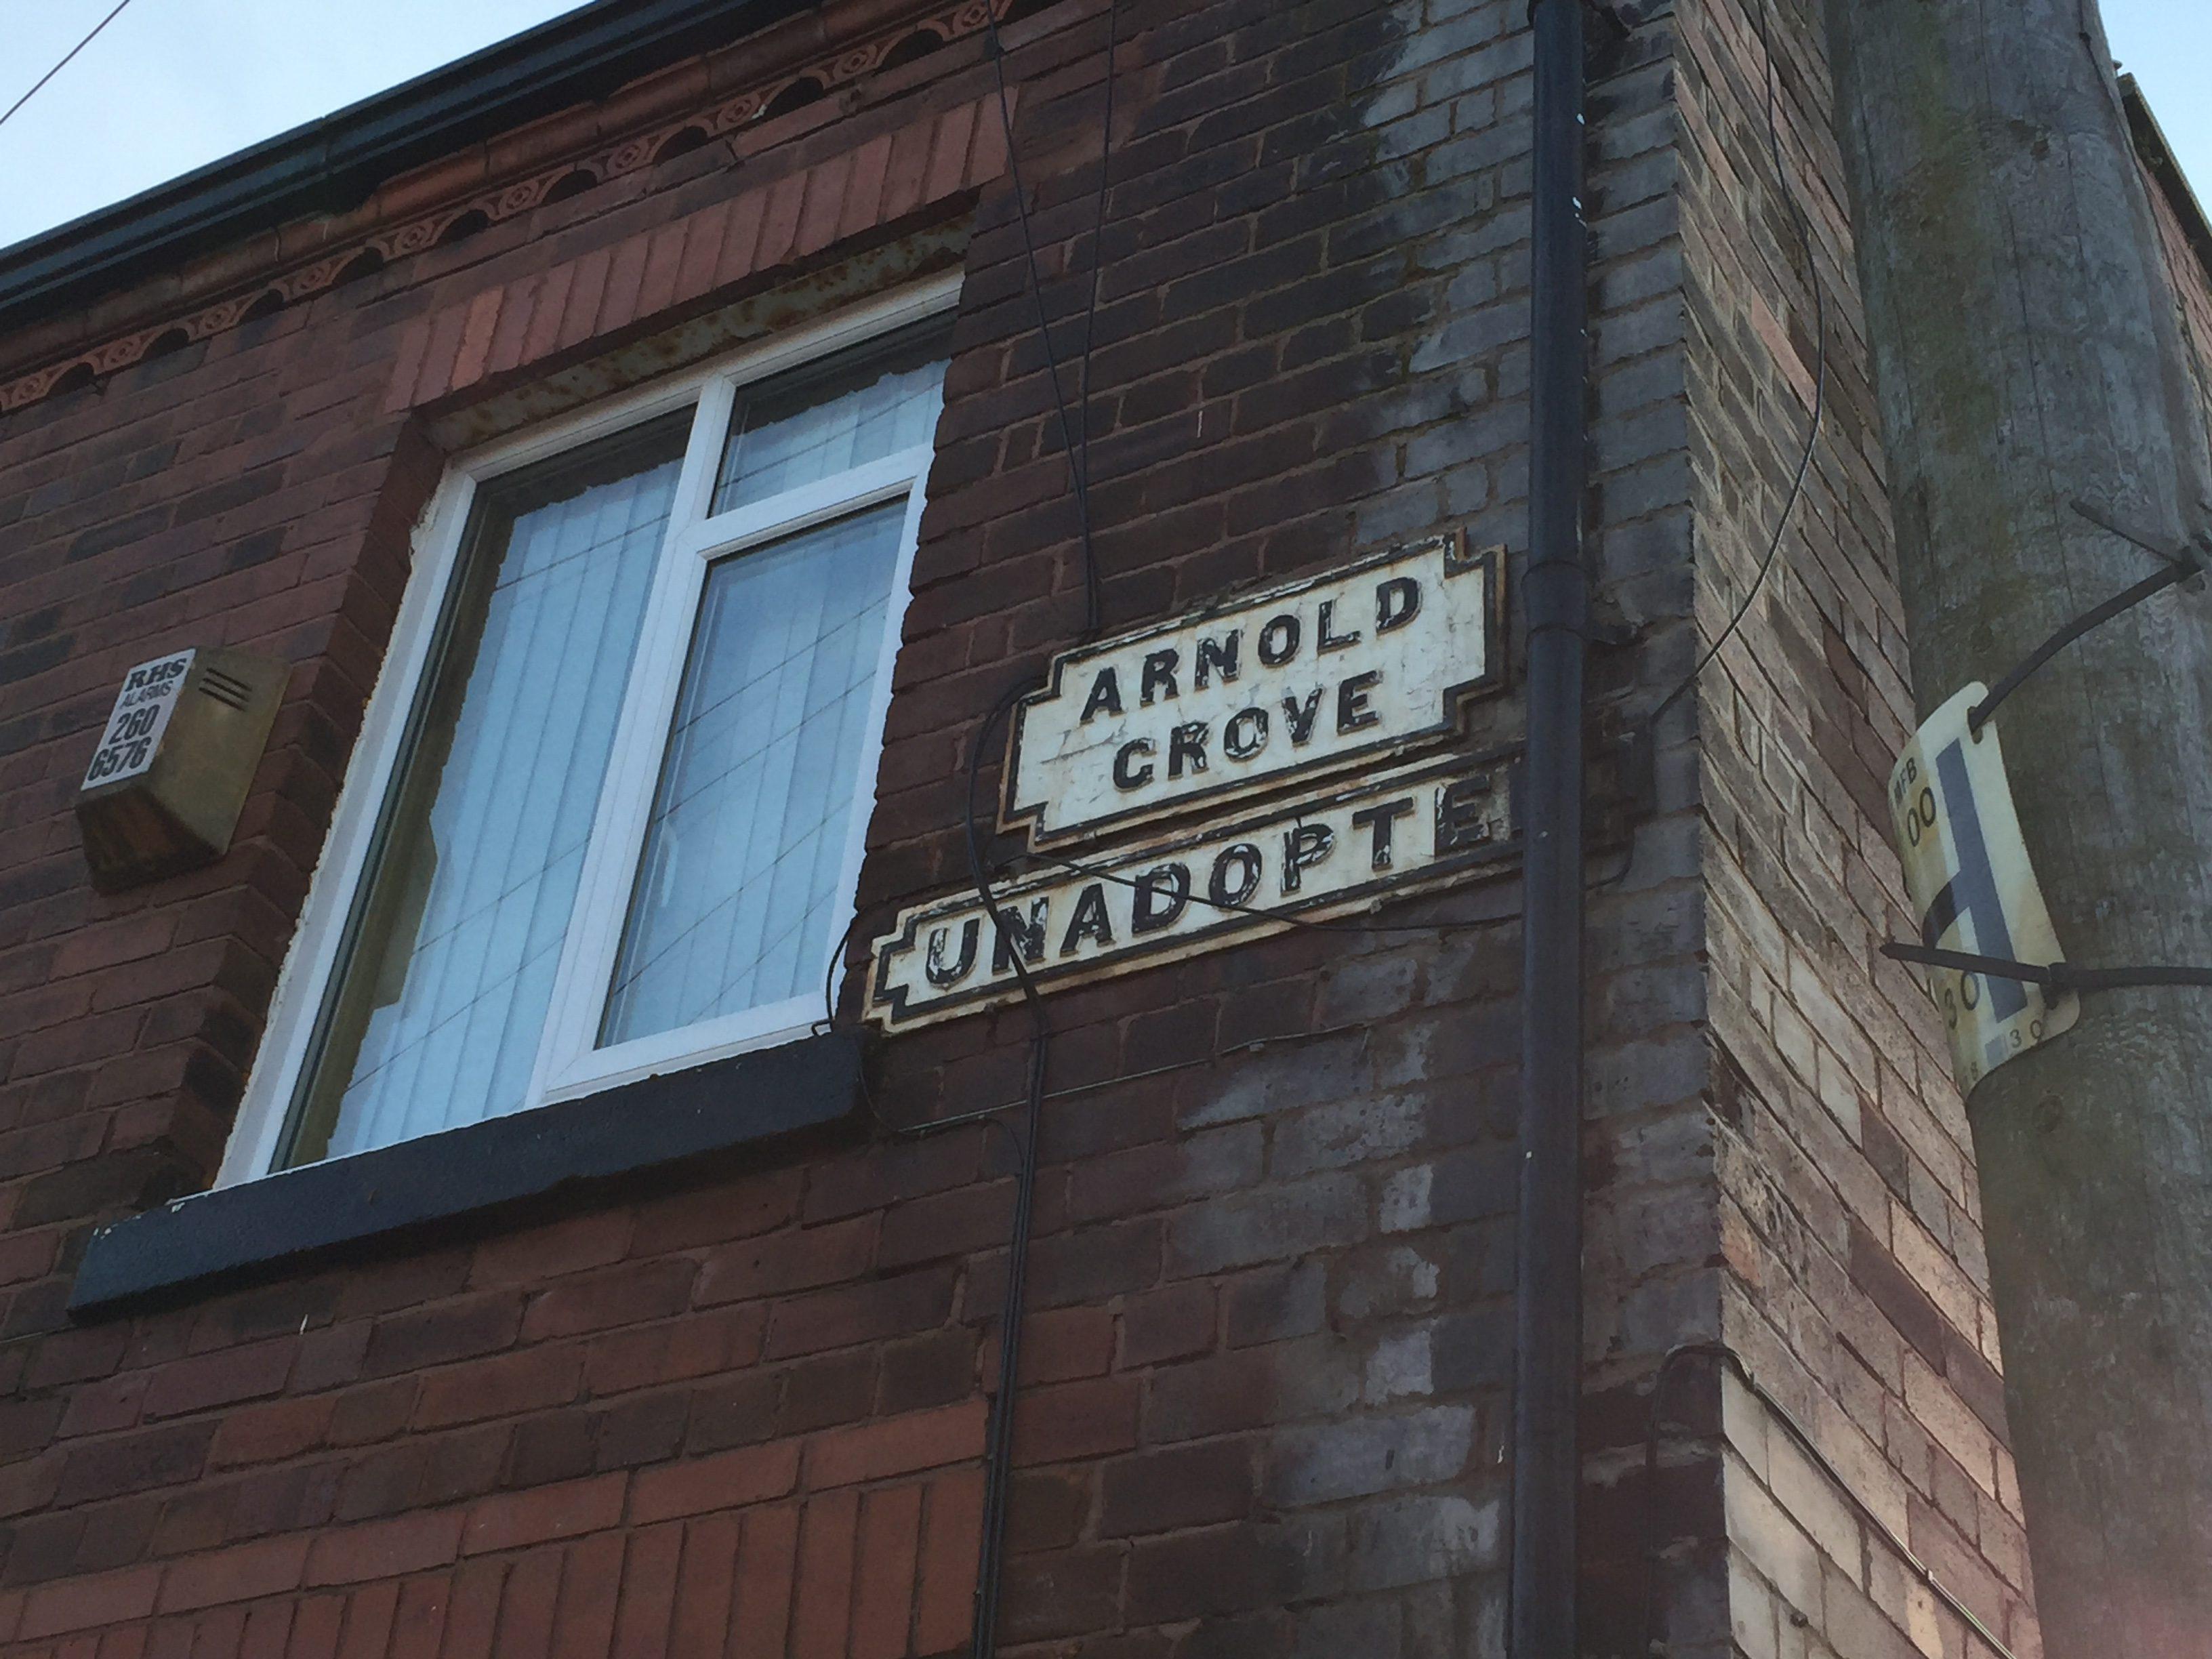 IMG 3155 e1519576861716 - Magical Mystery Tour: El Tour de los Beatles en Liverpool